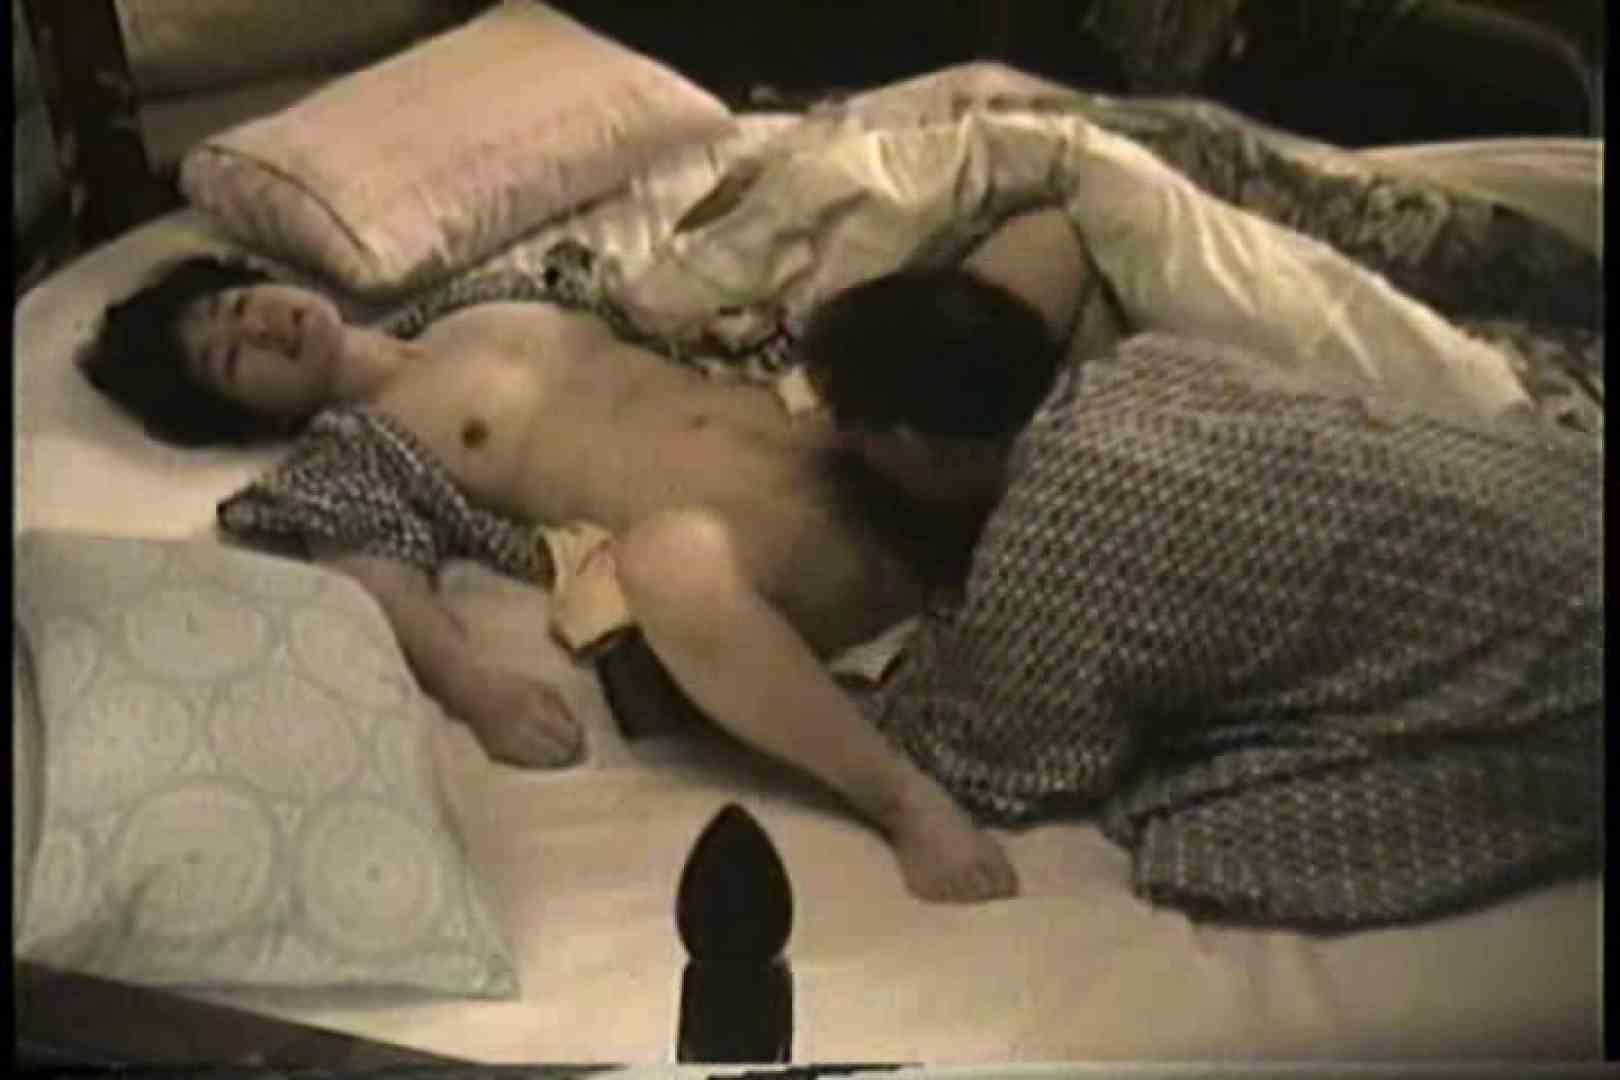 実録!ラブホテル~消し忘れ注意!昭和の色編~ vol.21 ホテルでエッチ セックス無修正動画無料 107PIX 8